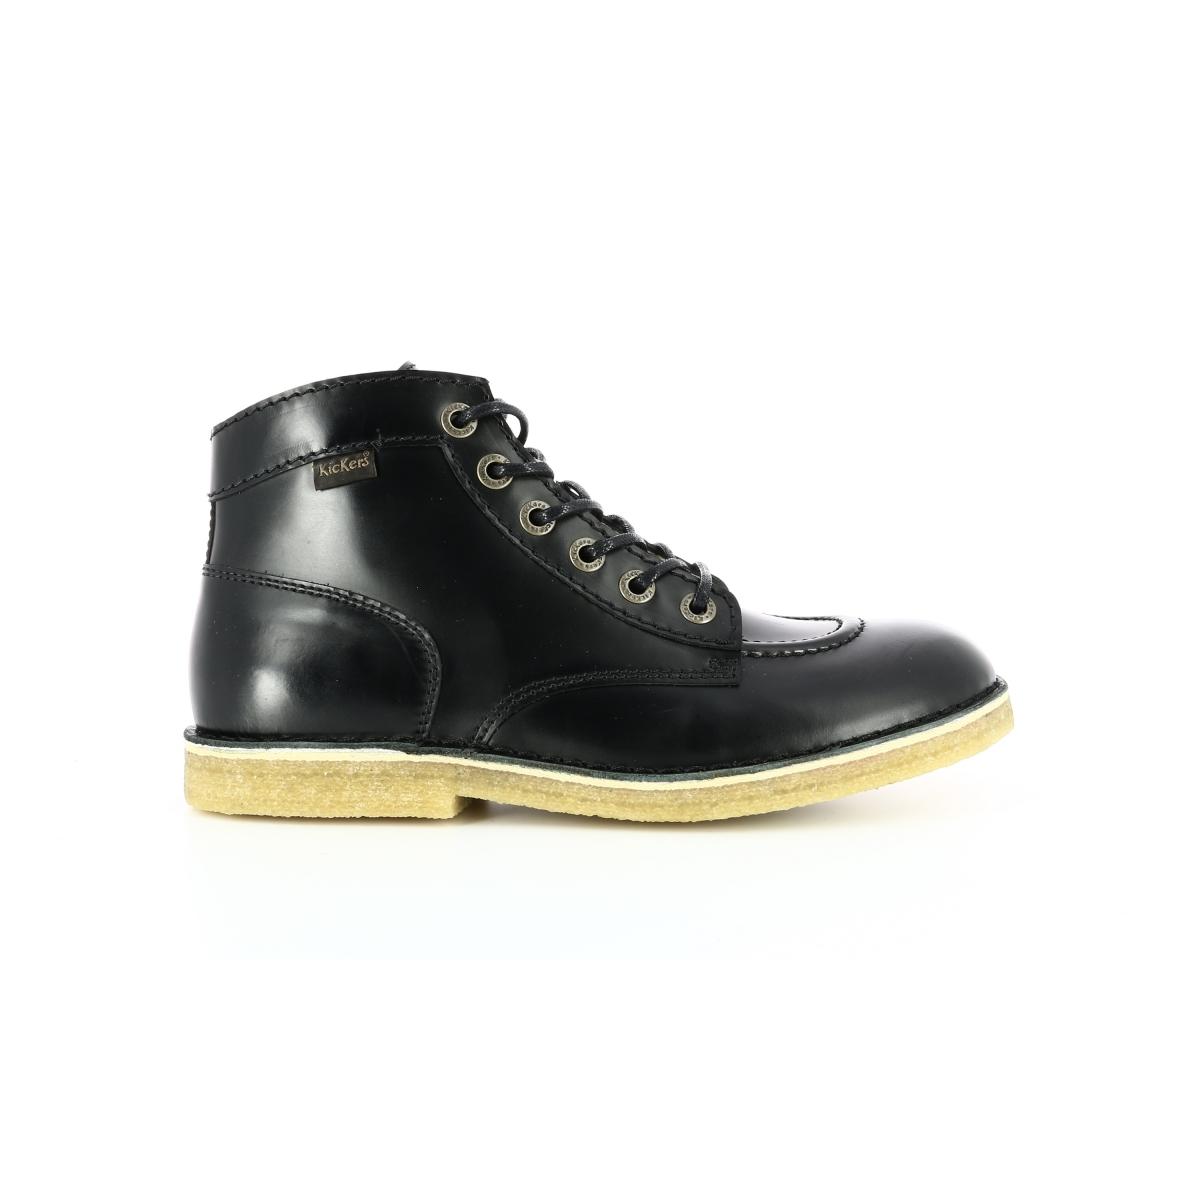 Chaussures Homme Noir Kickers Legend Kick wUU0xPTqp